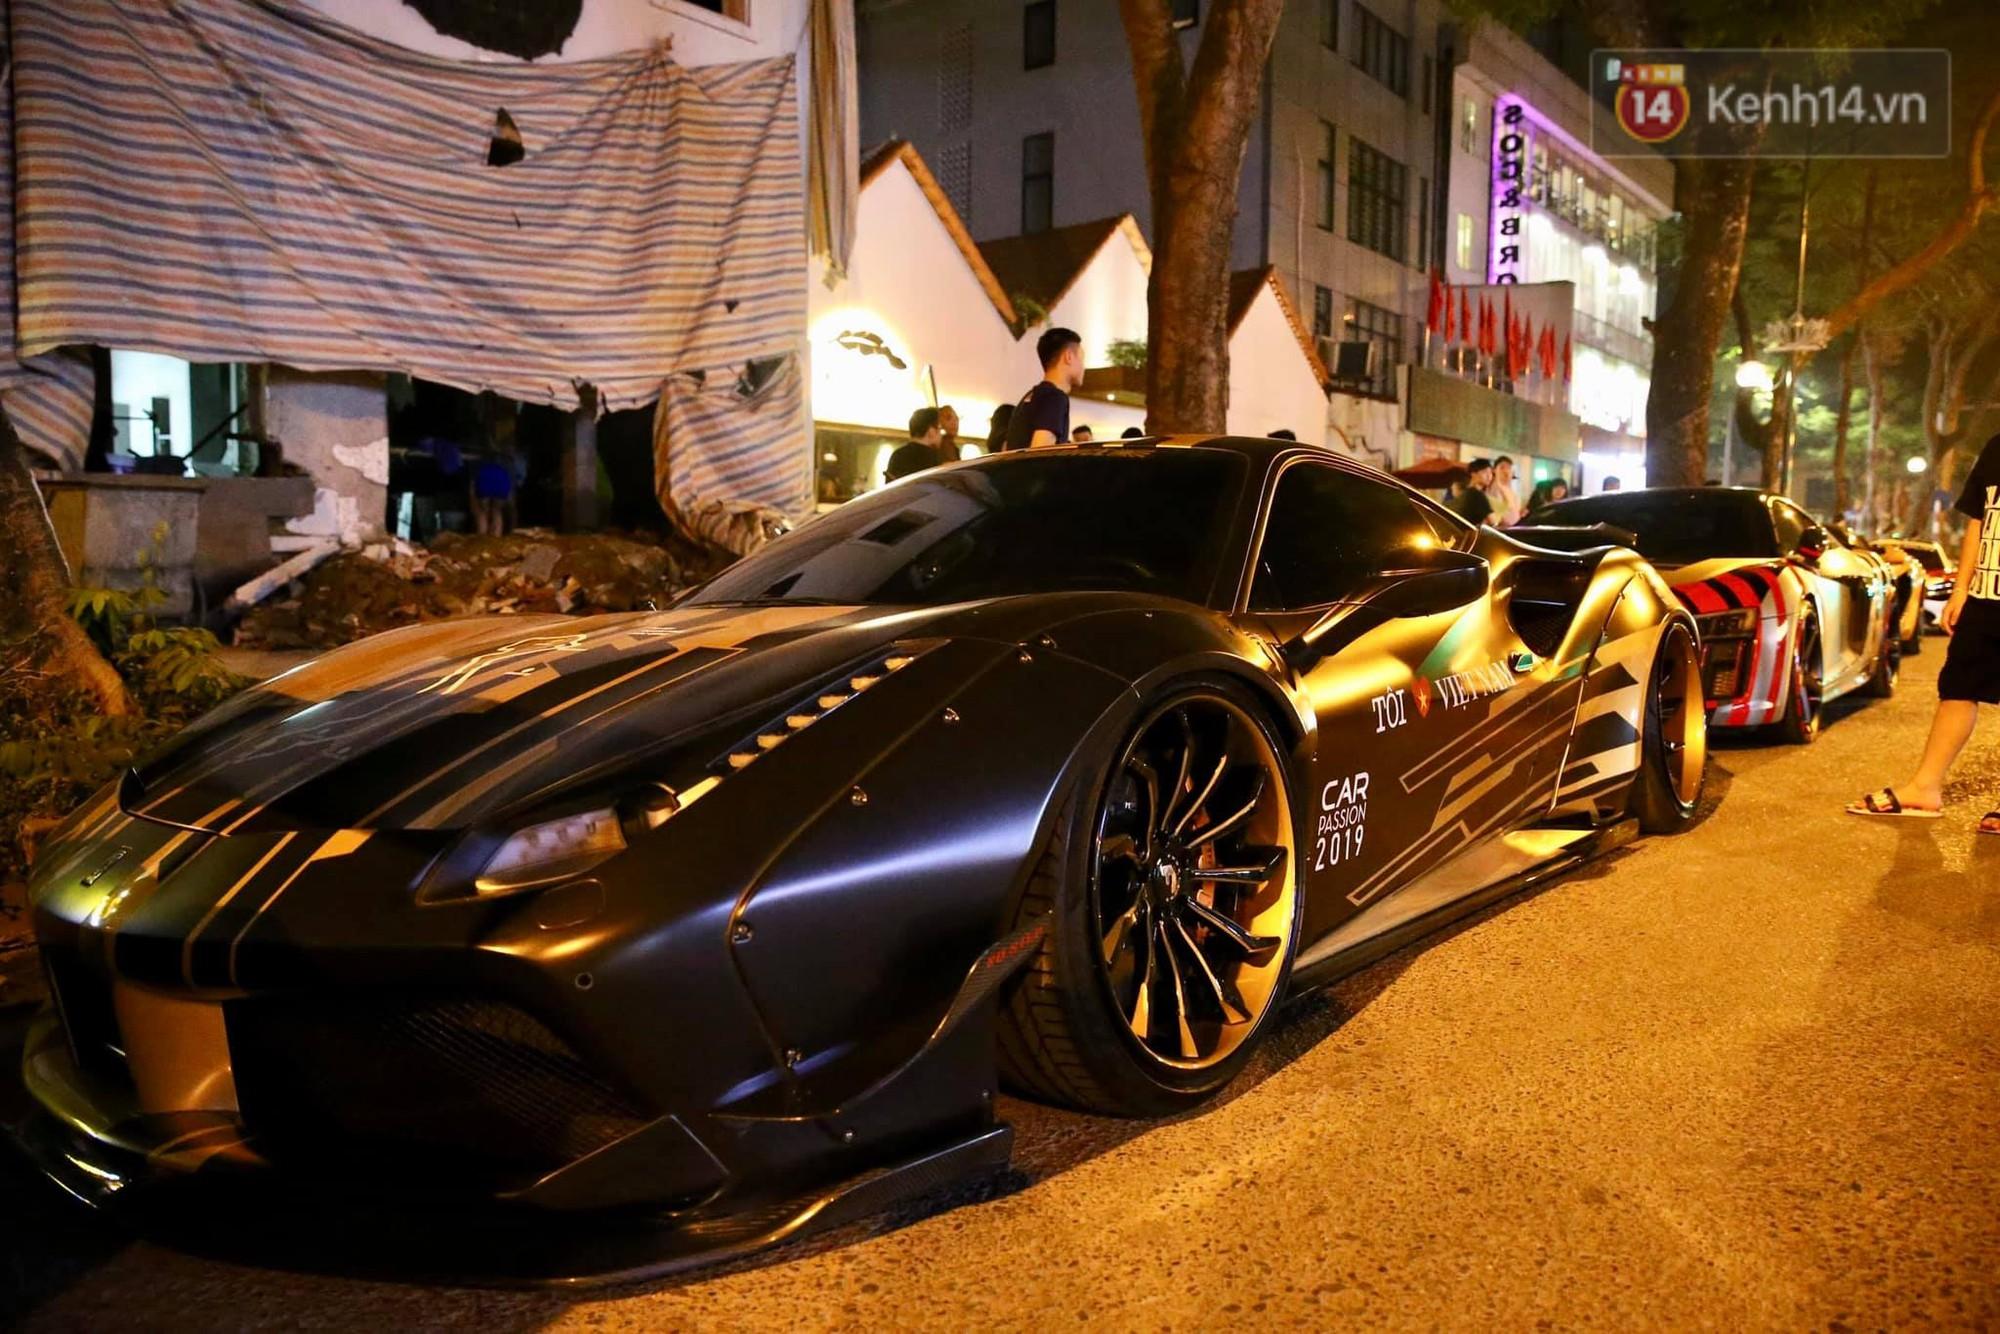 Dàn siêu xe hơn 300 tỷ rầm rộ tụ họp trên đường phố Hà Nội, Cường Đô La và vợ cũng xuất hiện với chiếc Audi R8V10-10